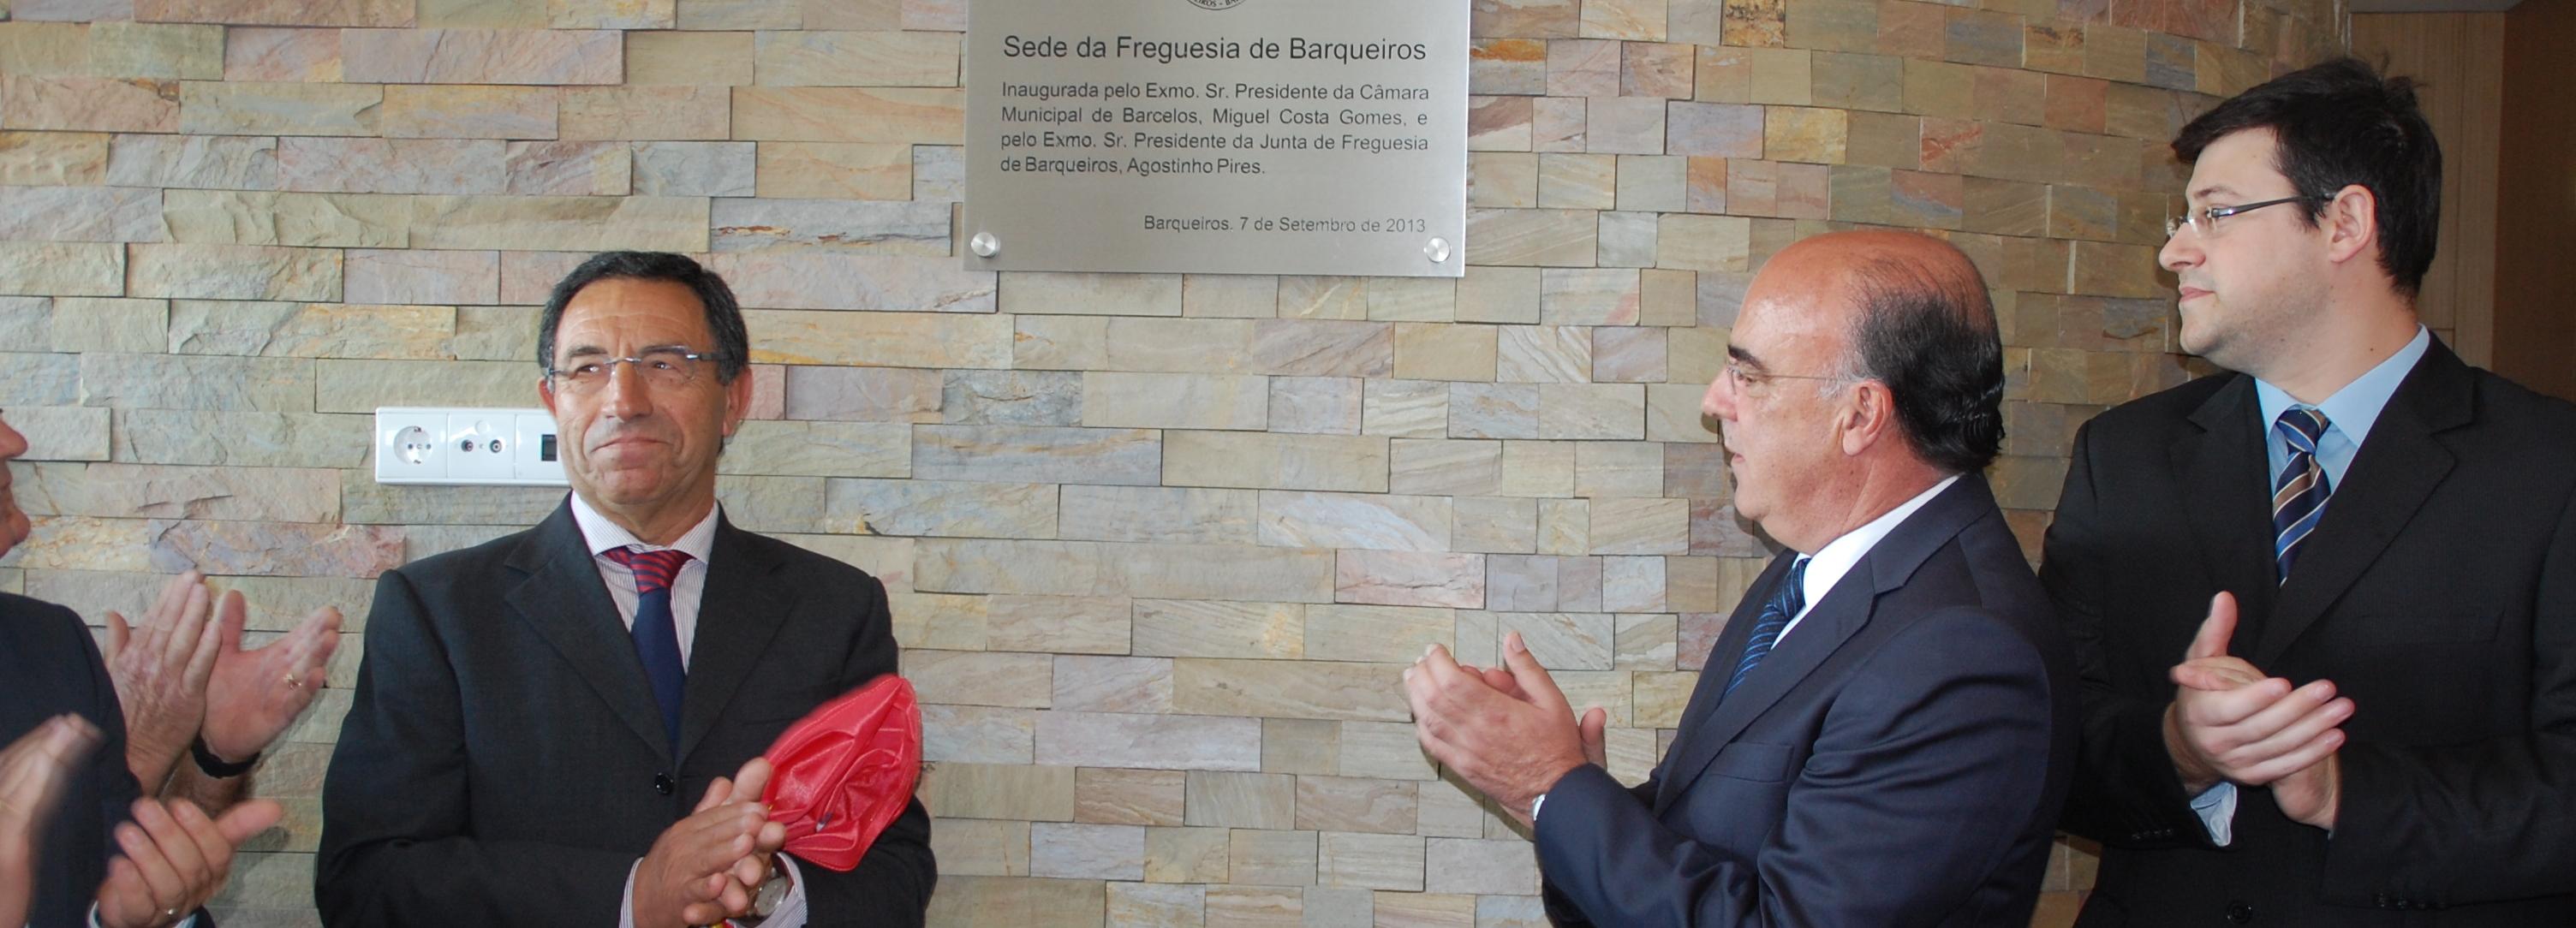 Presidente da Câmara inaugurou nova sede da Freguesia de Barqueiros